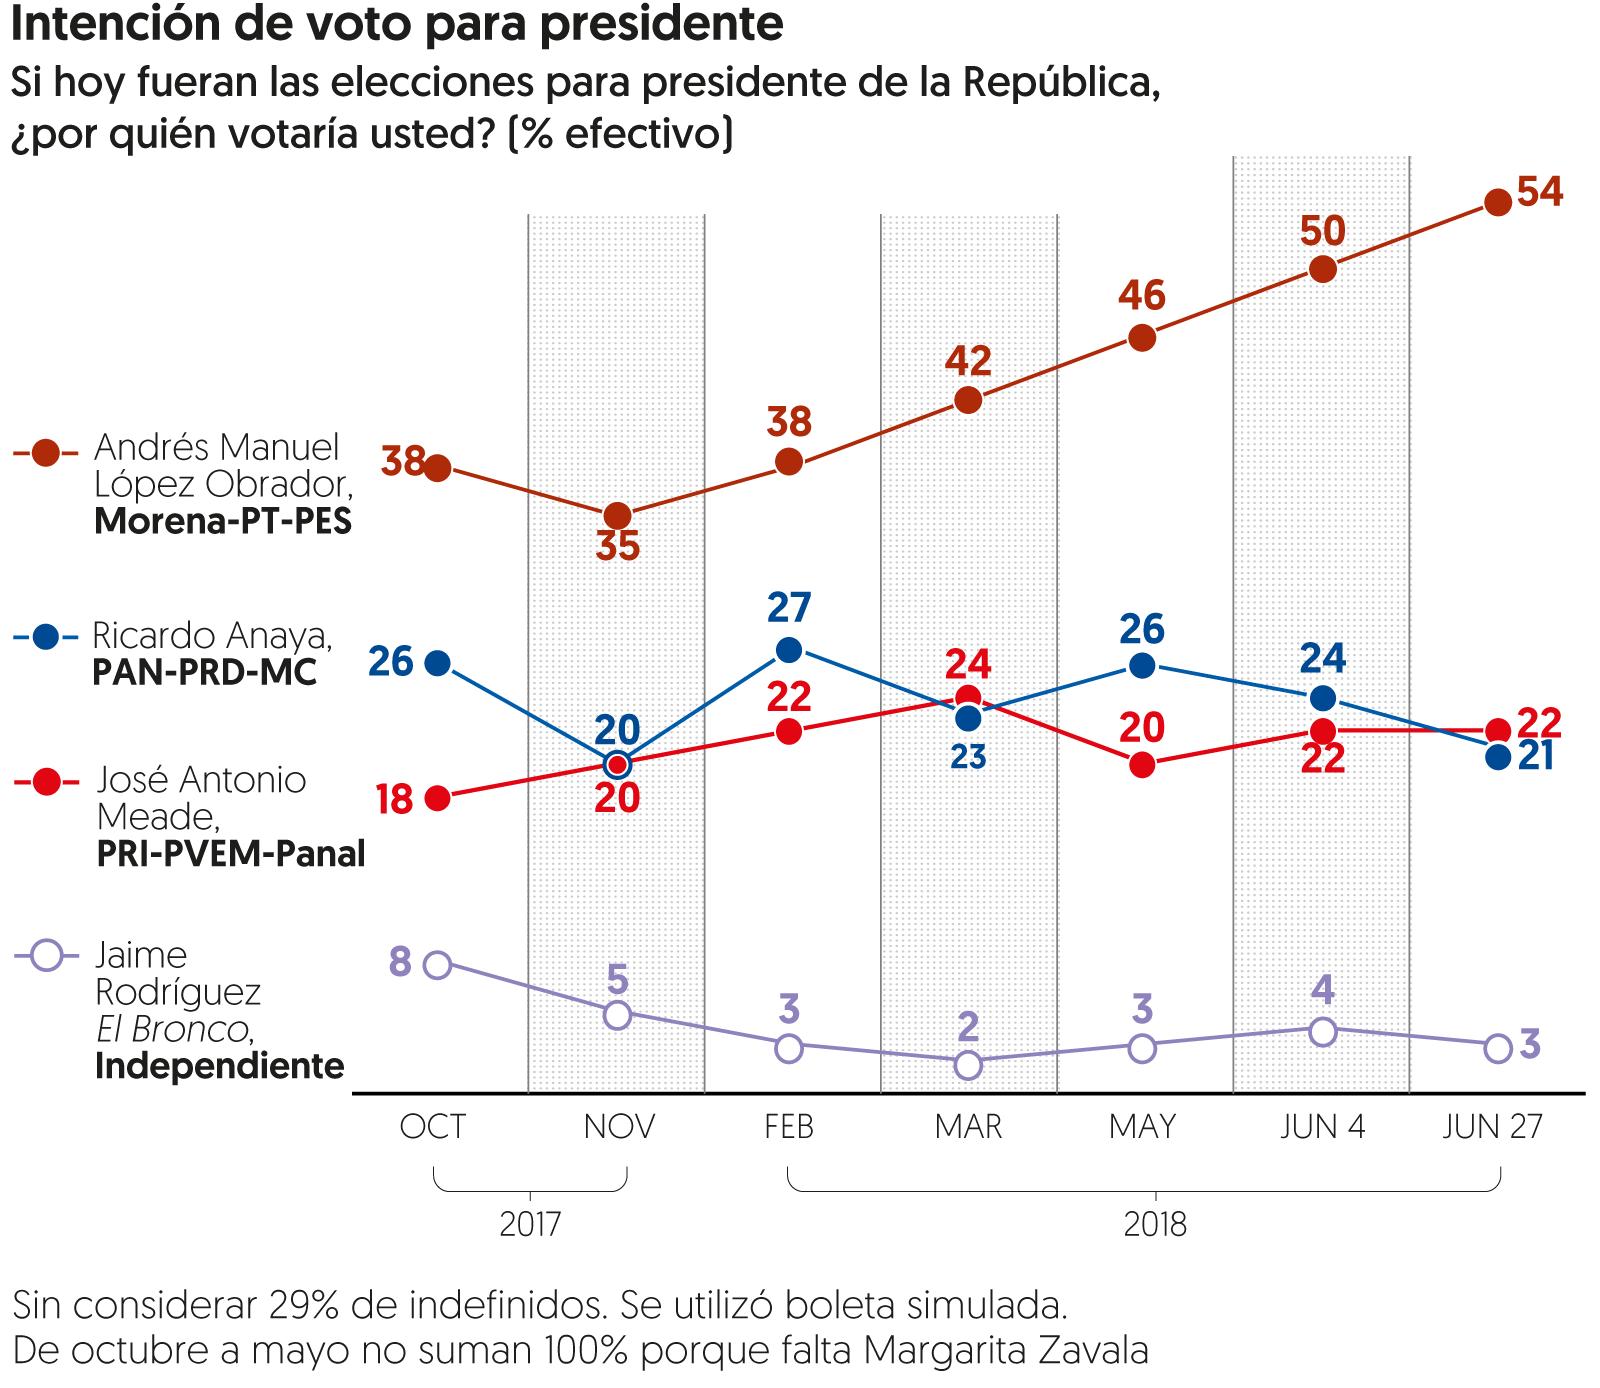 Encuesta de preferencias electorales de El Financiero. Publicación: 27 de junio de 2018.